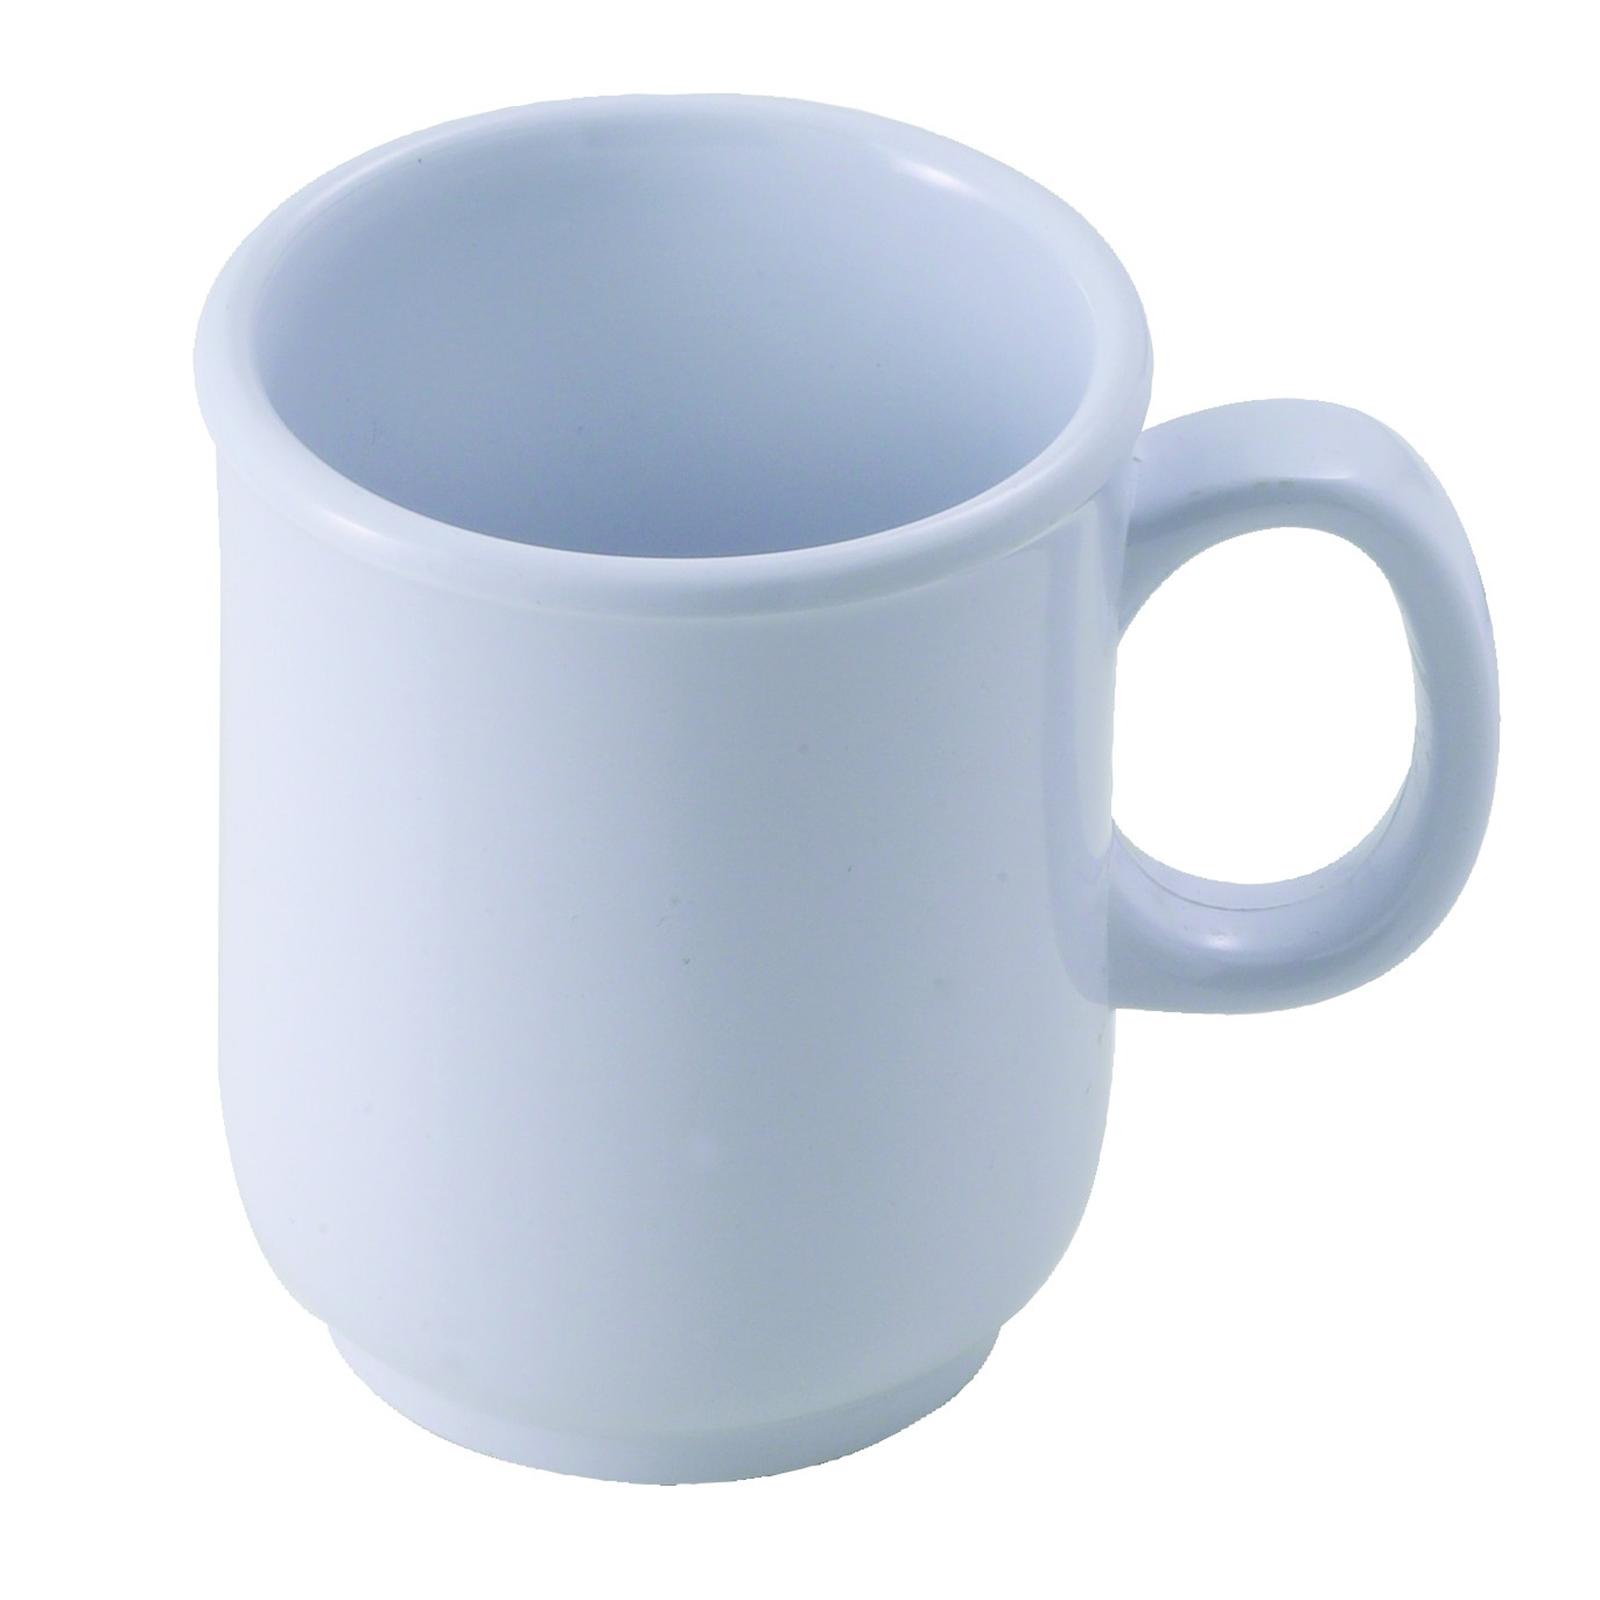 Winco MMU-8W mug, plastic